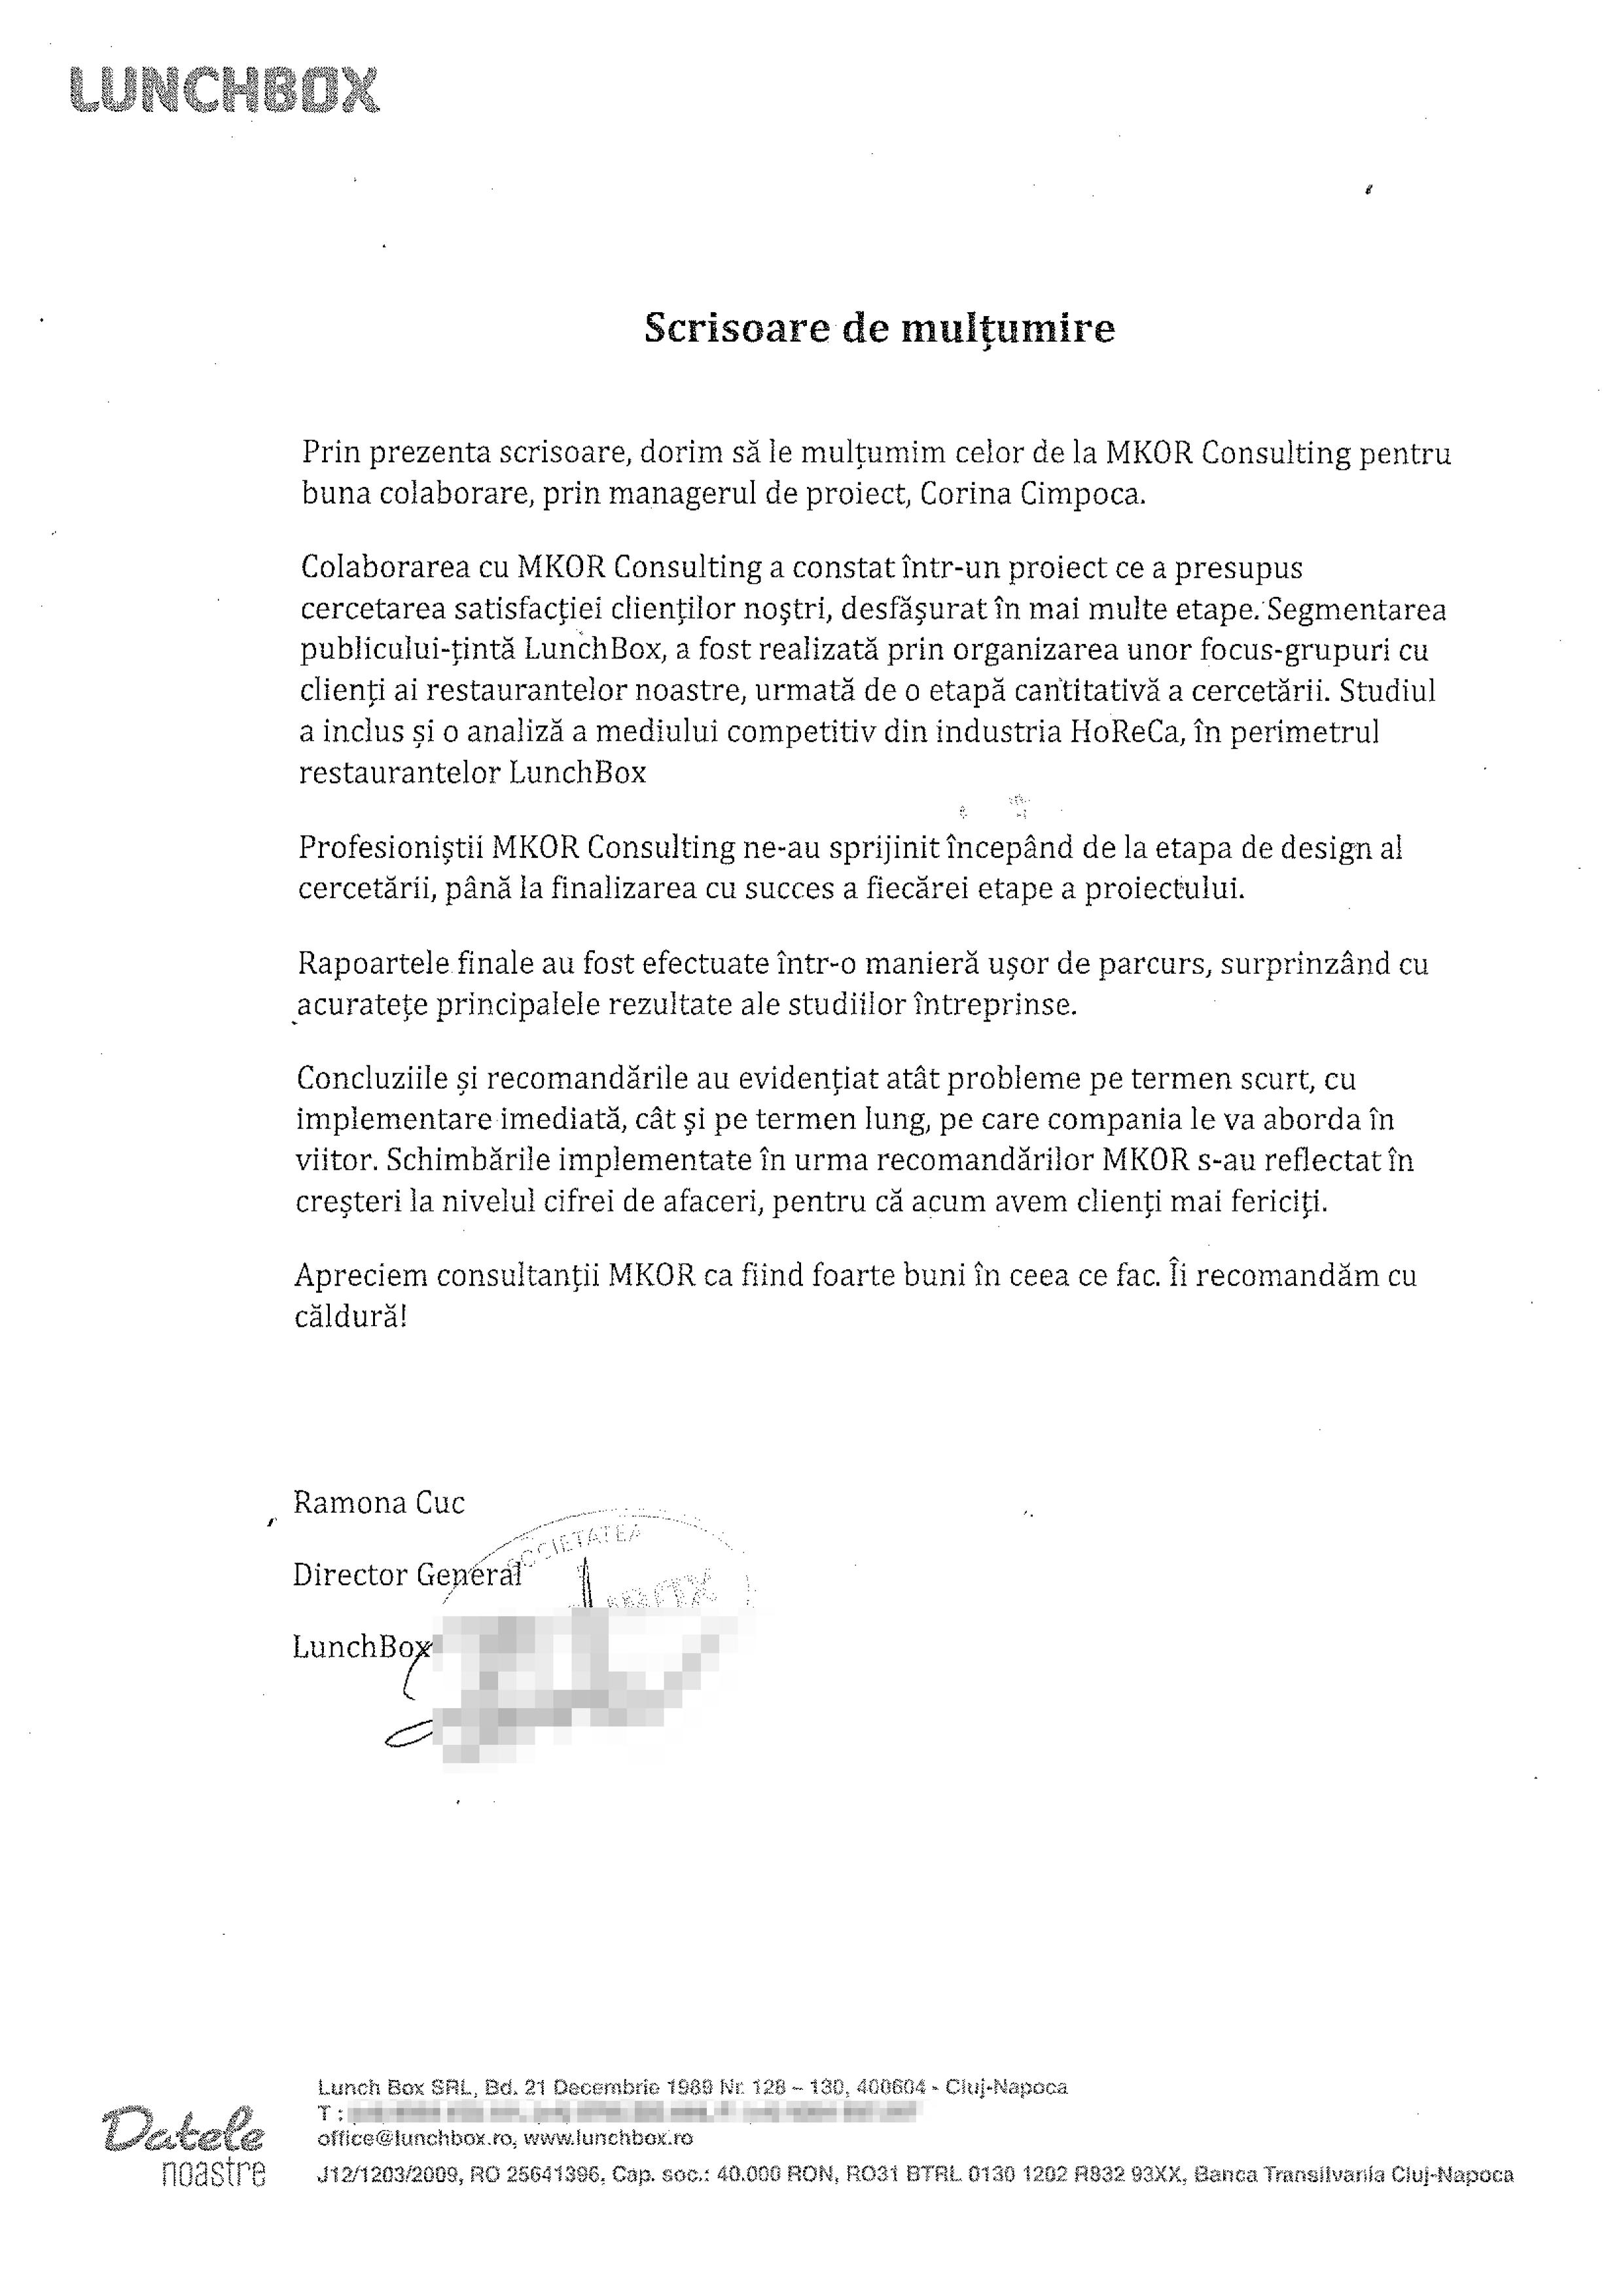 scrisoare-recomandare-lunchbox